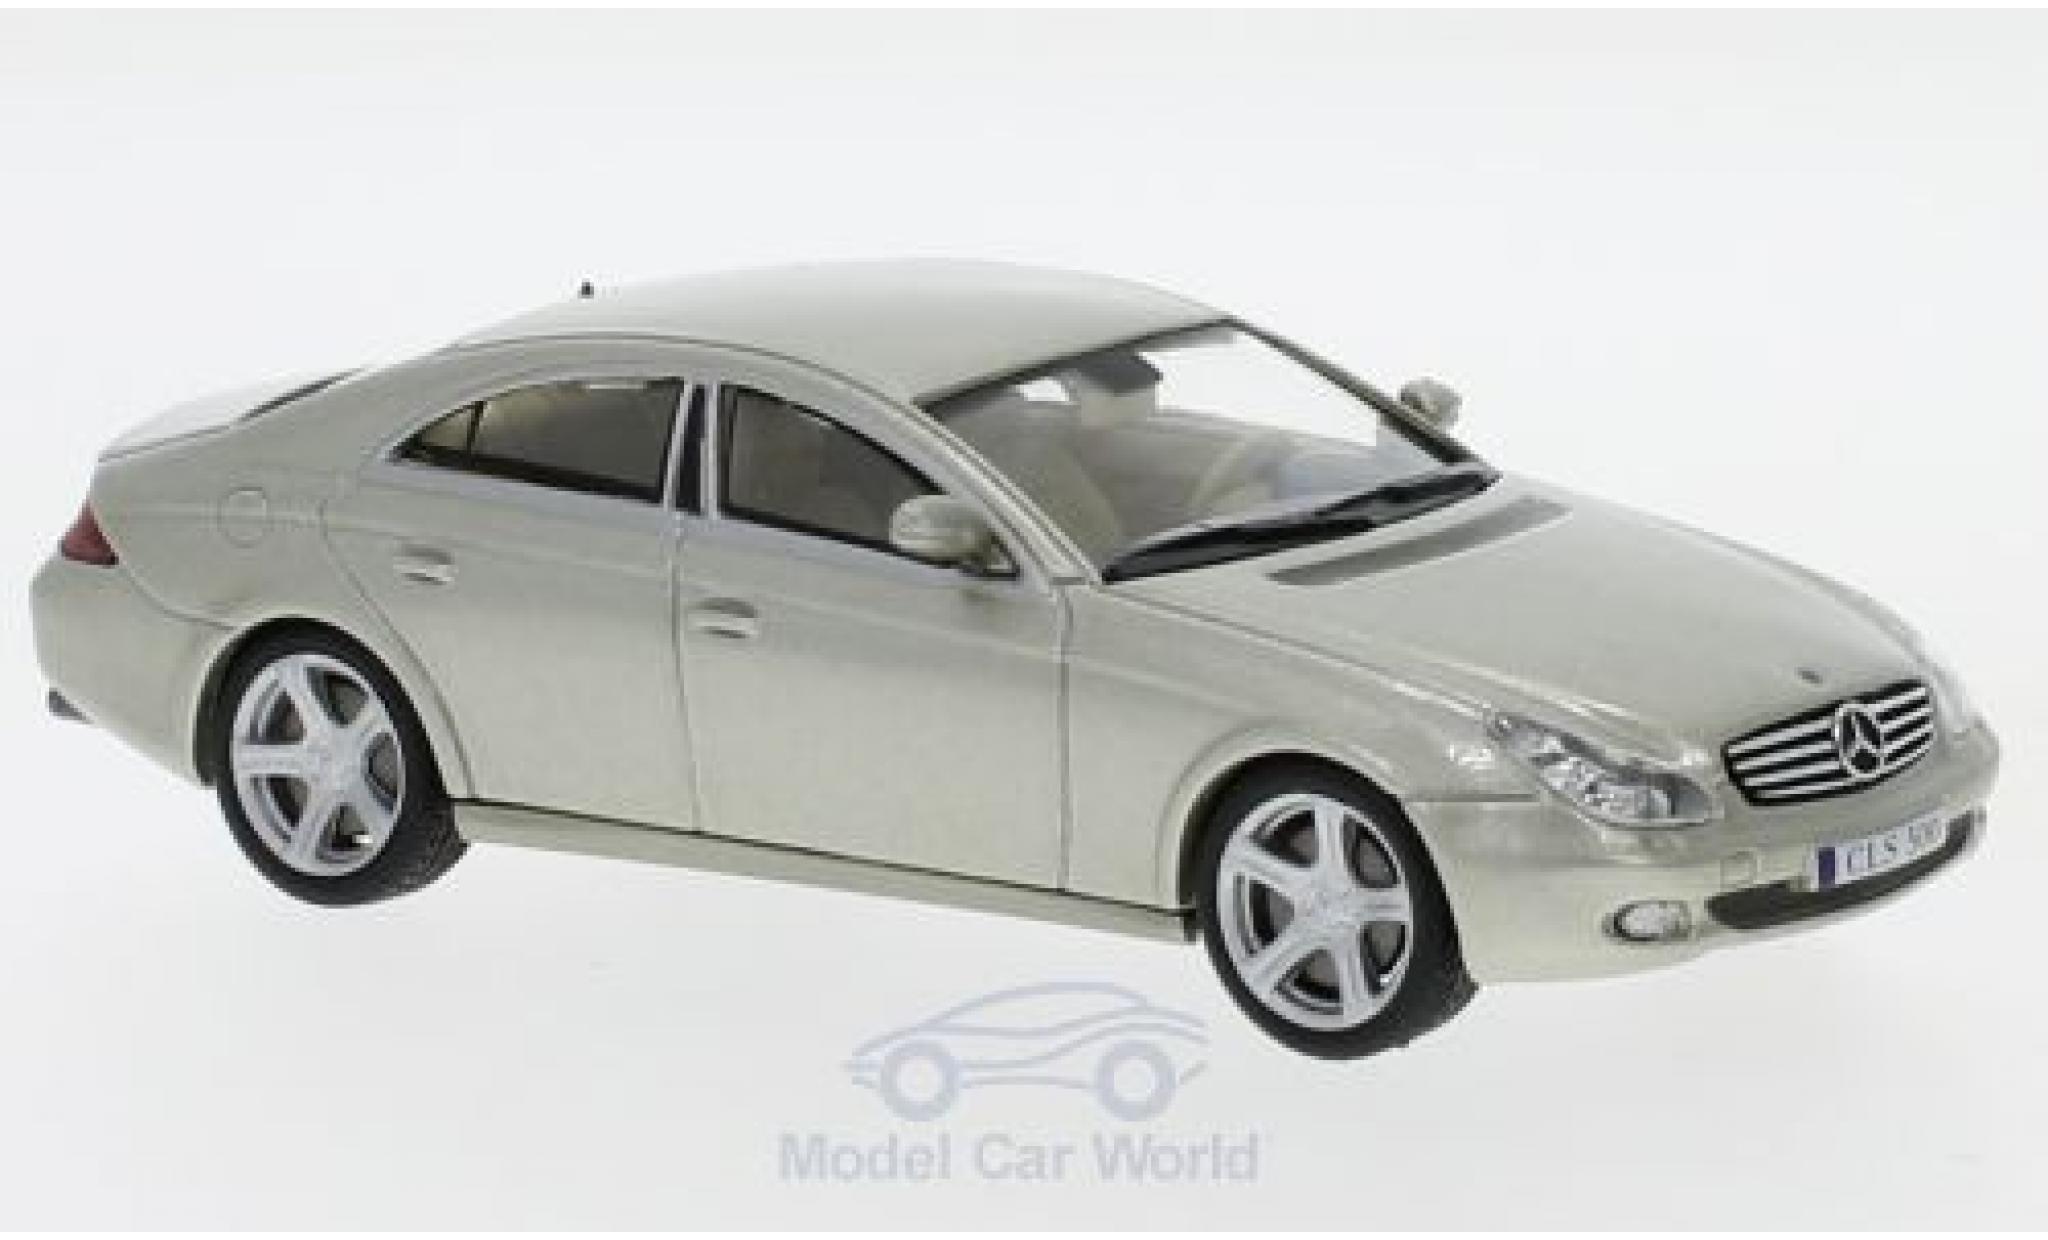 Mercedes CLS 1/43 SpecialC 16 500 (C219) metallise verte 2004 ohne Vitrine